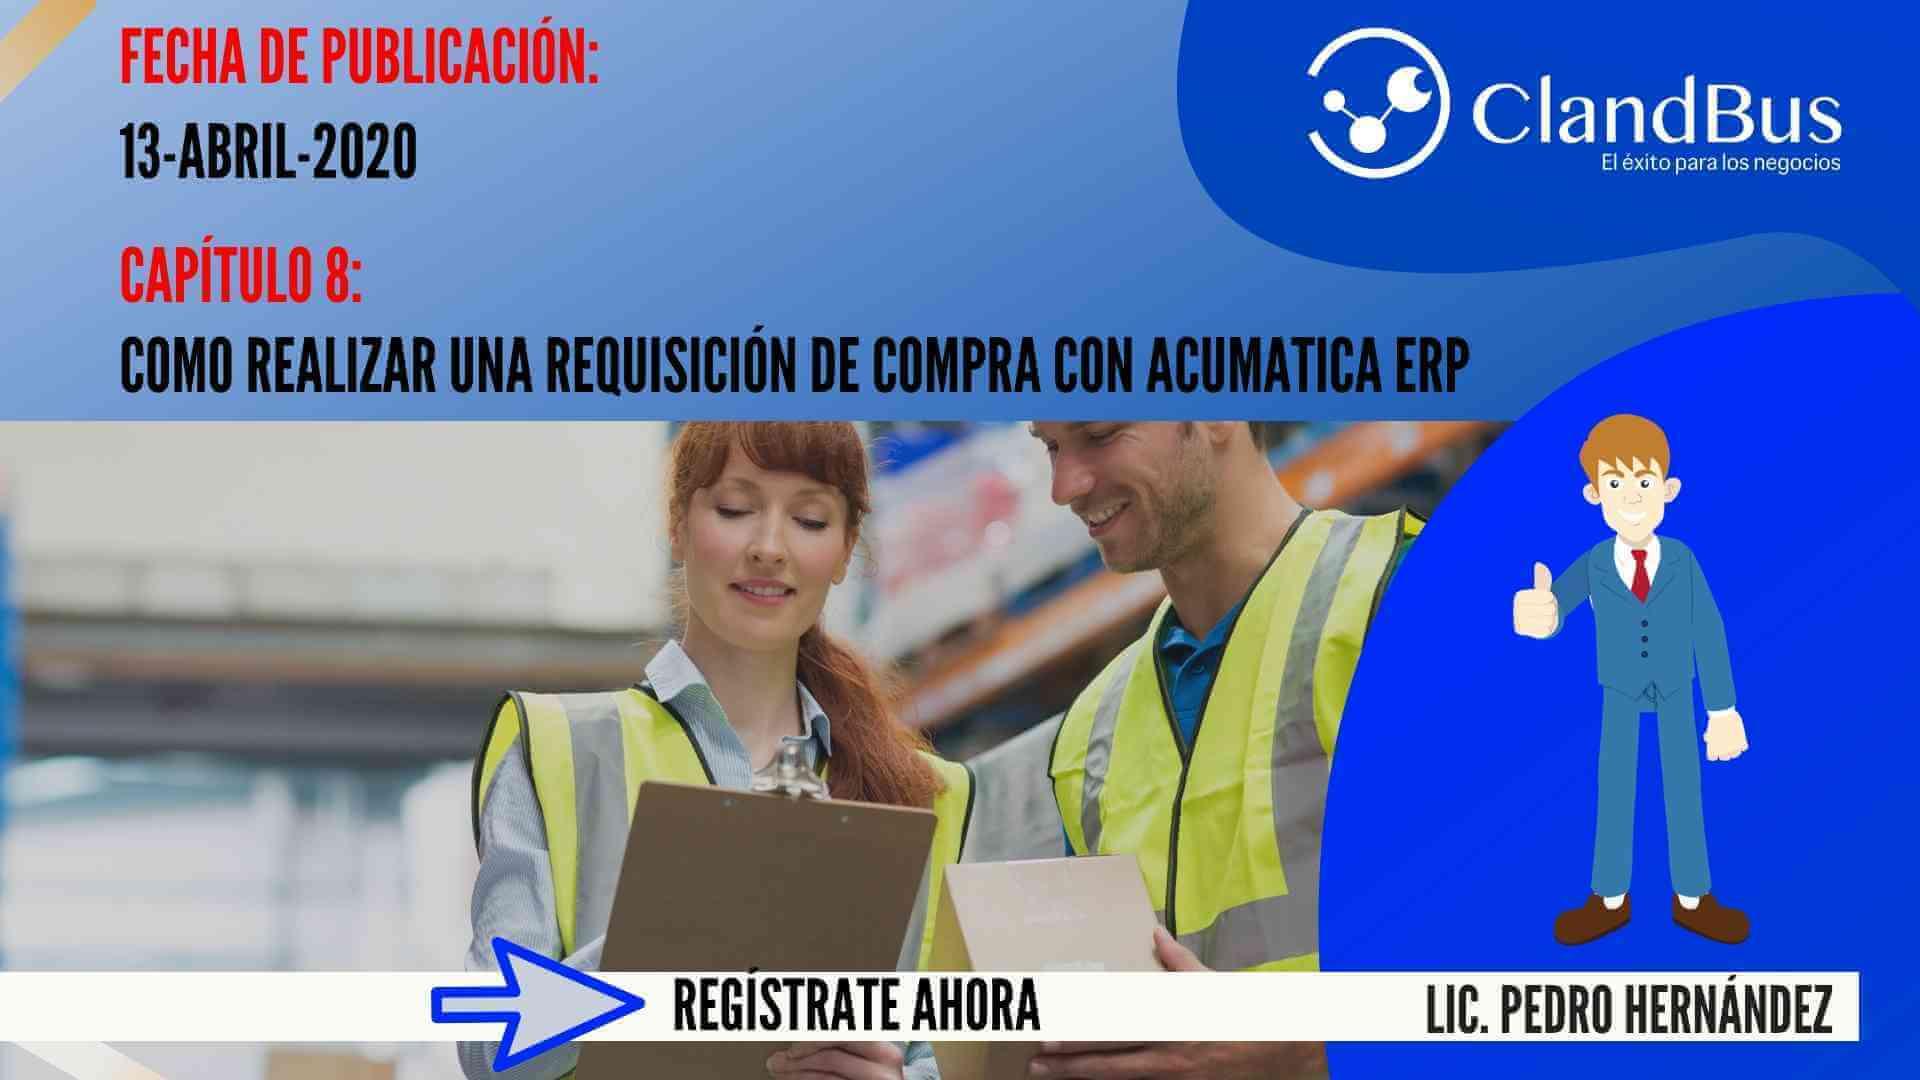 Resolución de problemas con Acumatica -como realizar una requisición de compra con Acumatica ERP